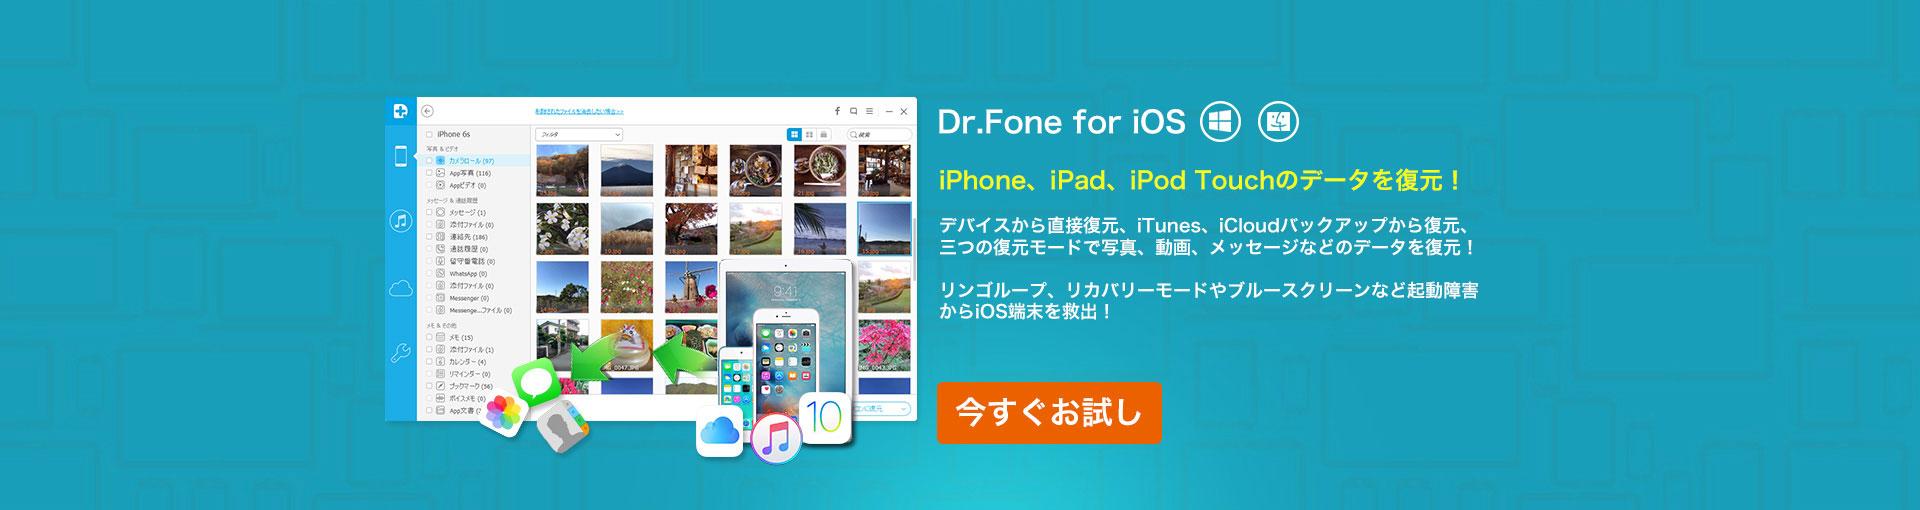 iPhone、iPad、iPod Touchの データをすぐに復元できる!